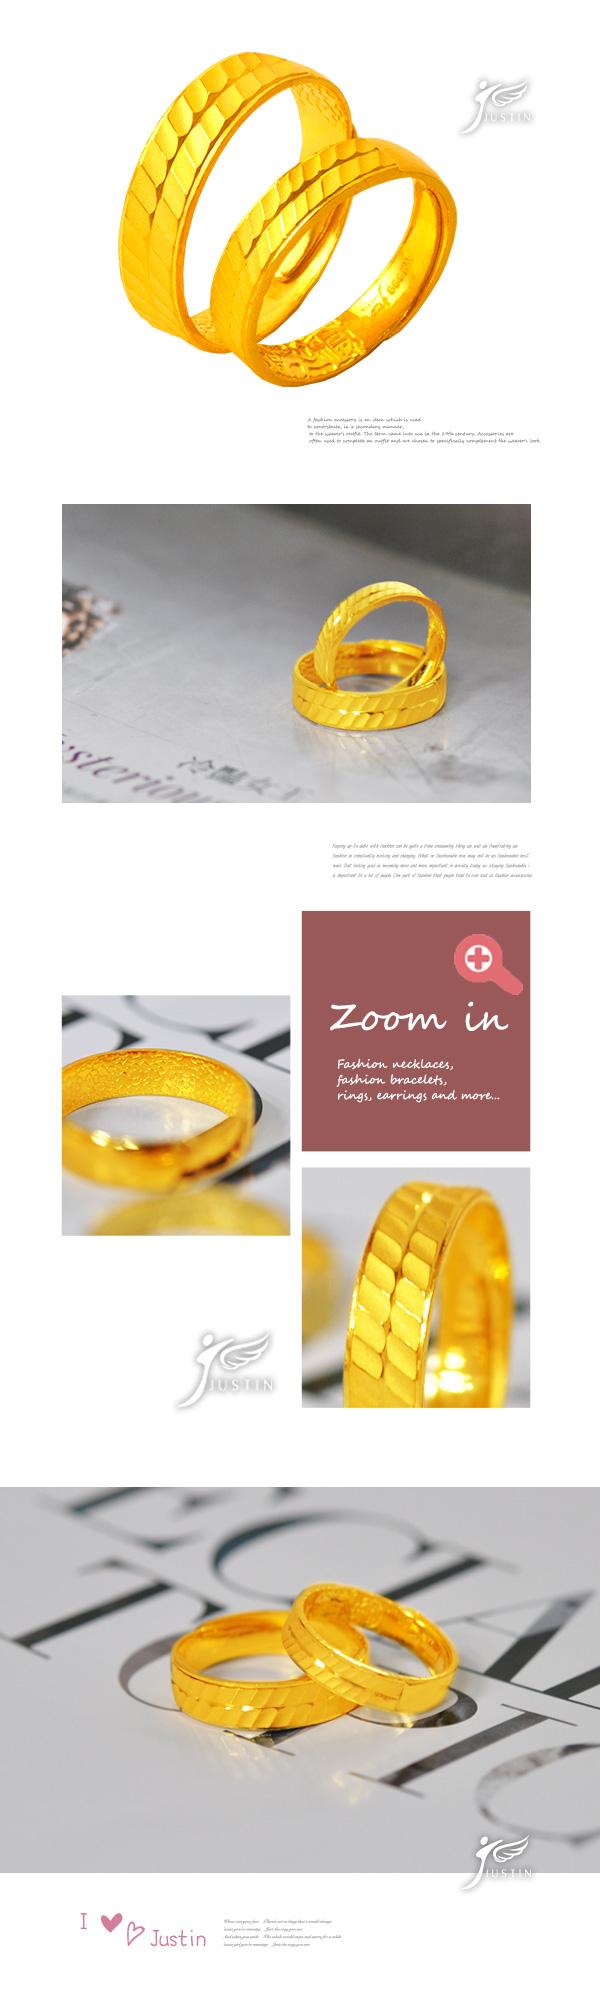 金緻品,金製品,黃金價格,金飾,金飾價格,黃金飾品,金飾店,純金,金飾品牌,黃金投資,鑽石,鑽戒,黃金對戒,設計款戒指,結婚戒指,結婚金飾,珍愛一生